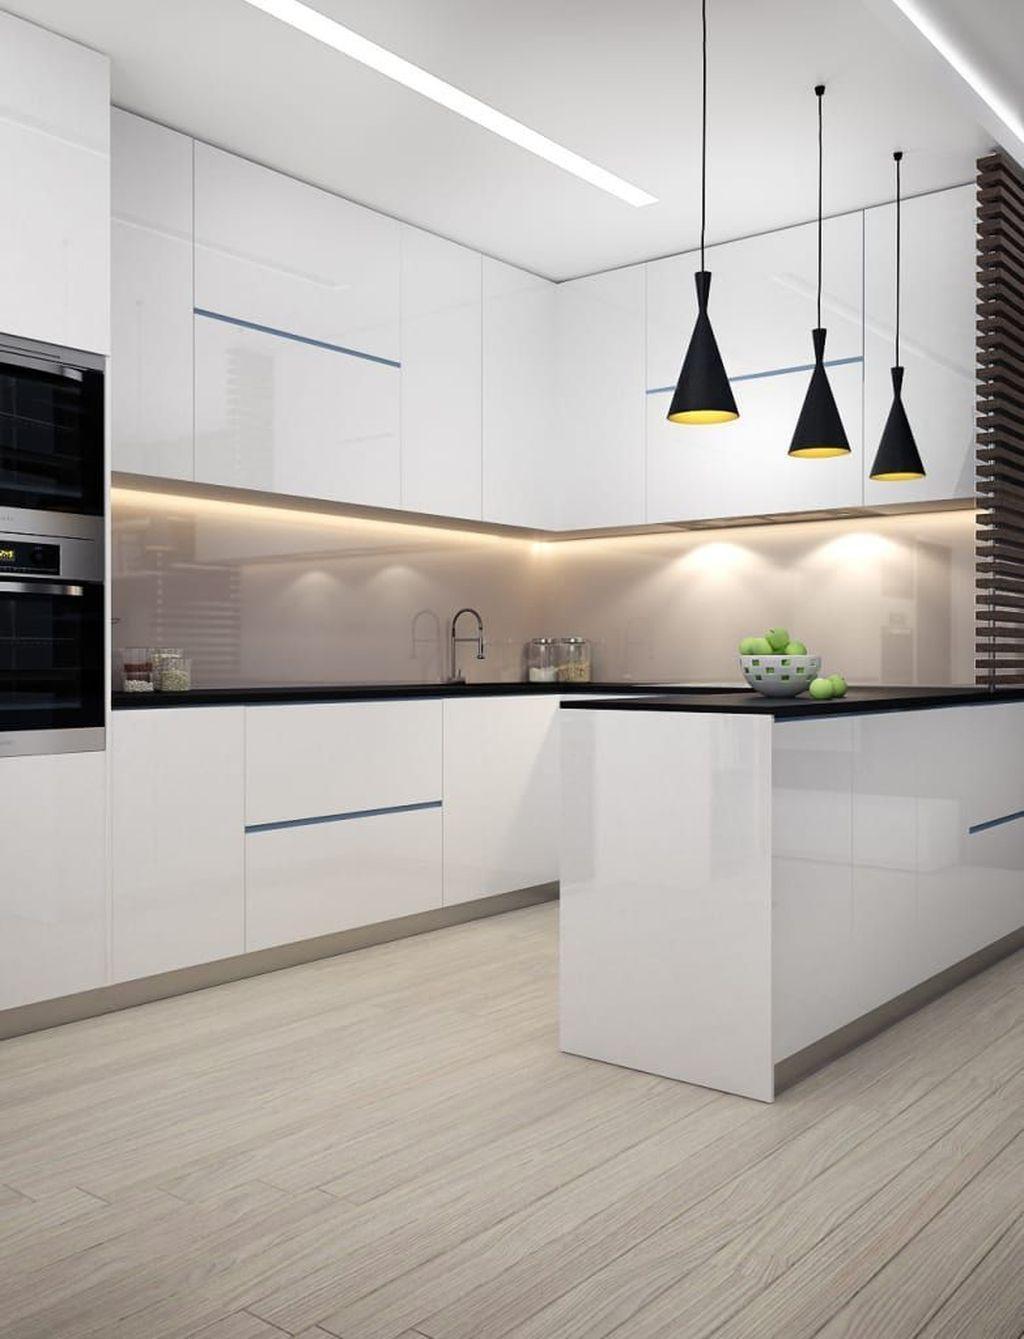 40 Inspiring Modern Luxury Kitchen Design Ideas Modern Kitchen Design Luxury Kitchens White Kitchen Design